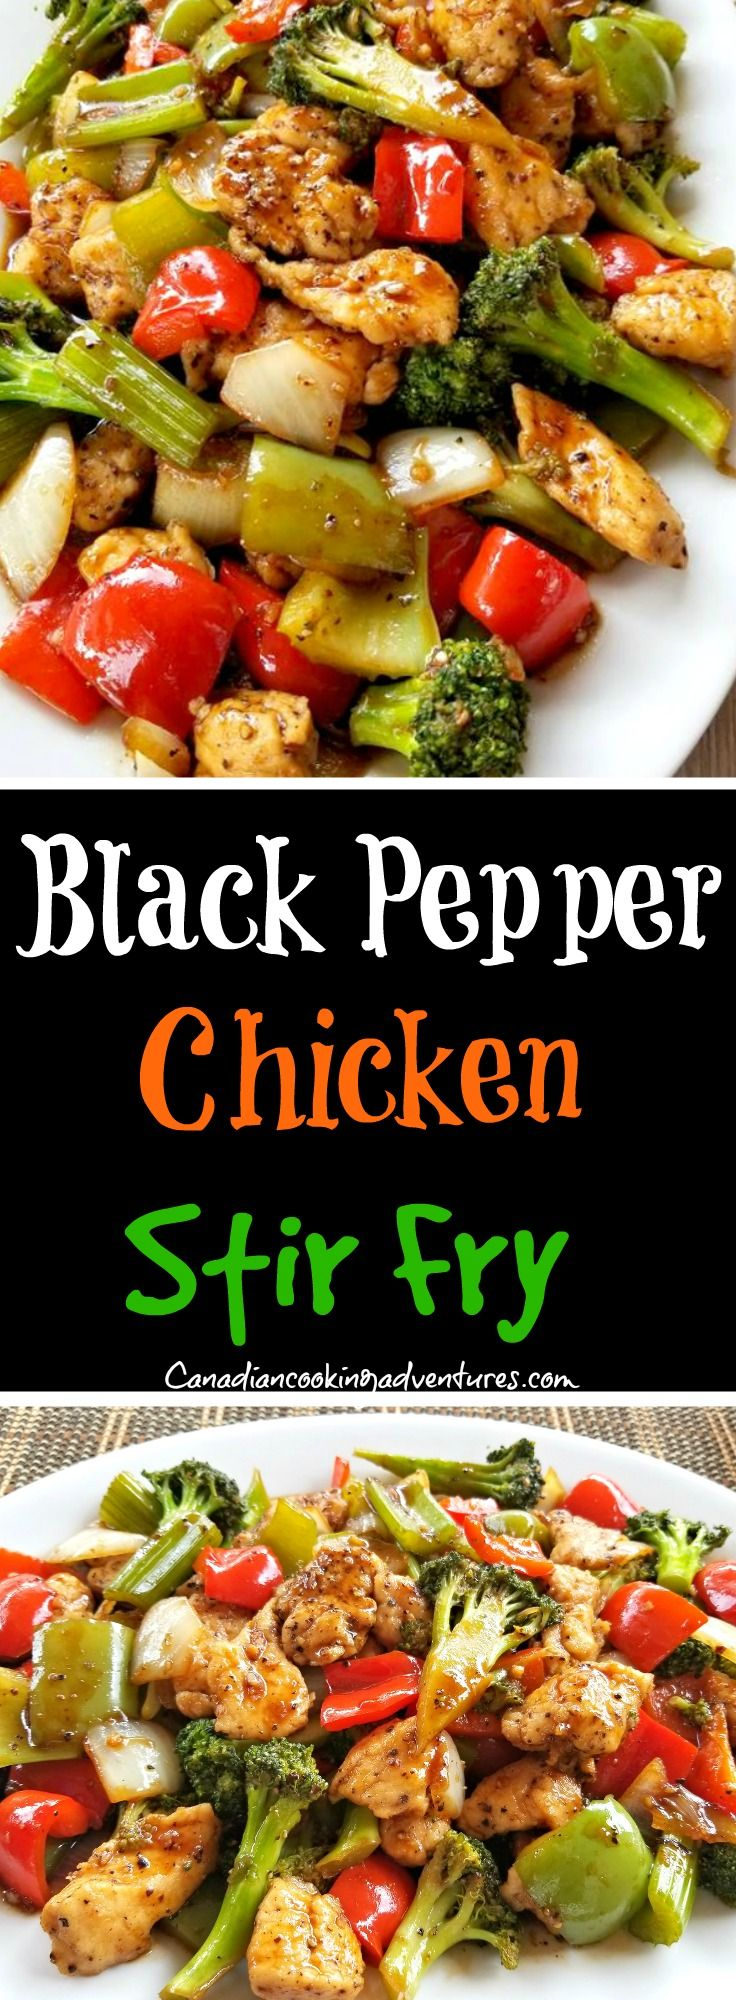 Black Pepper Chicken Stir Fry Black Pepper Chicken  -1056